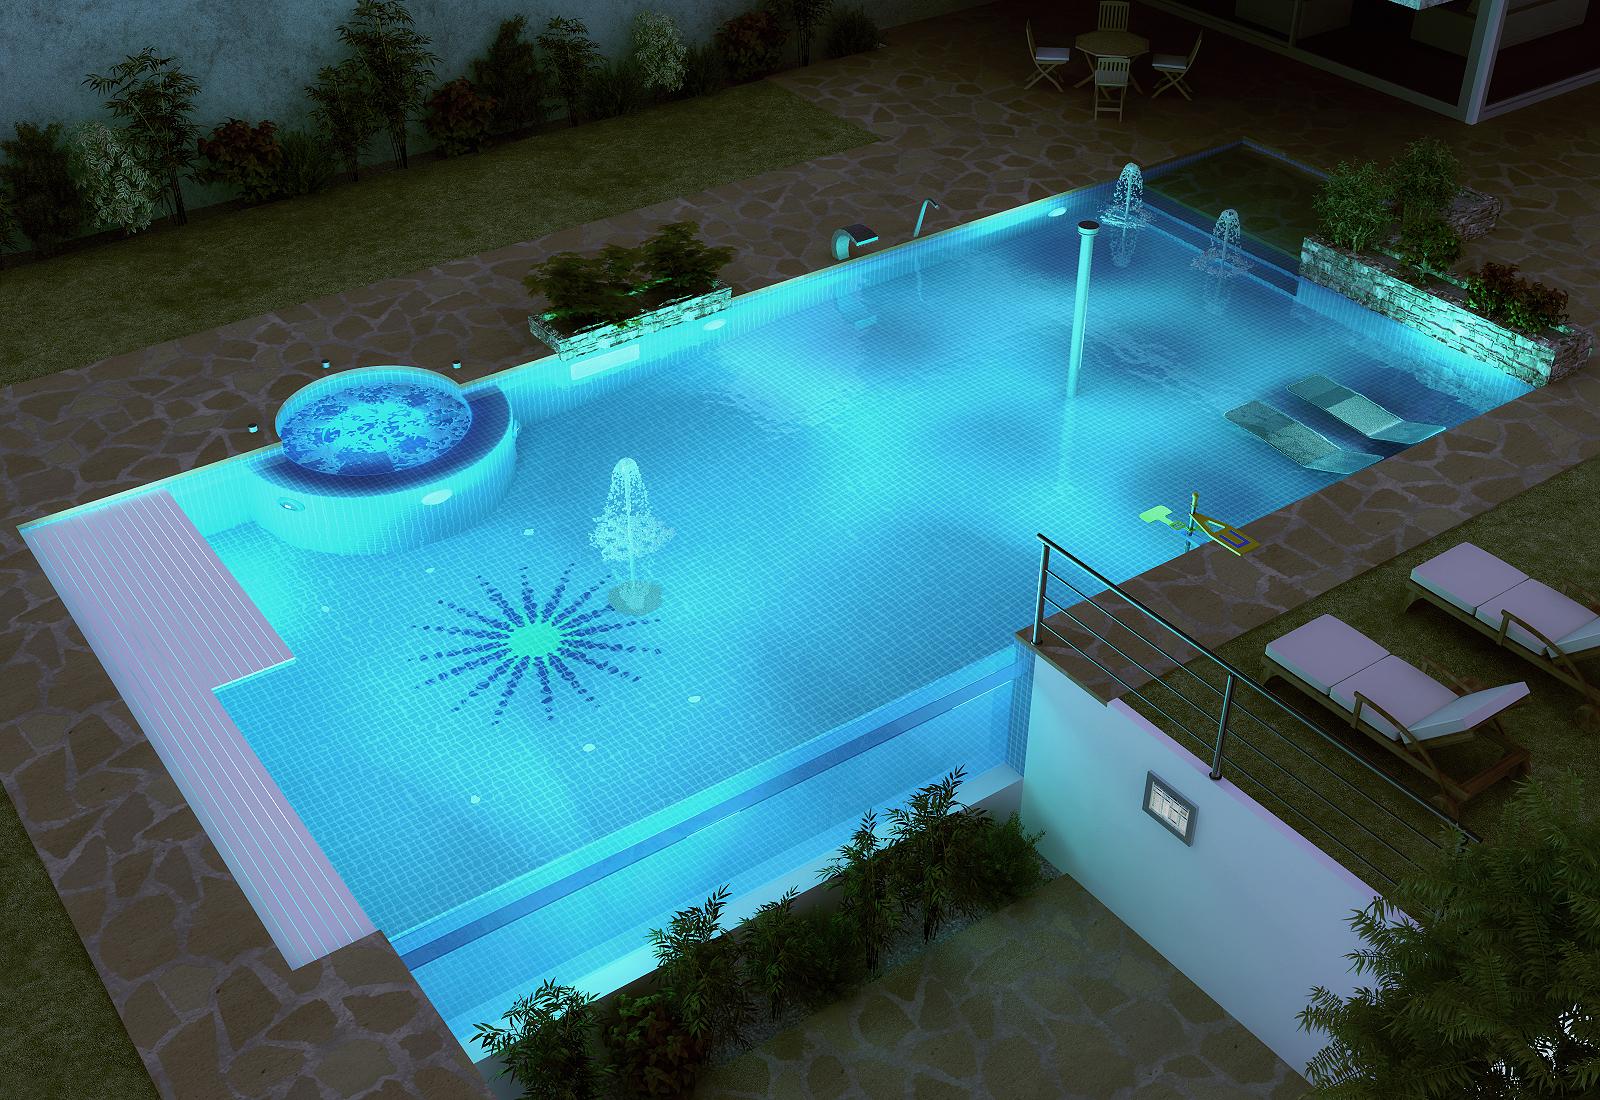 Piscinas gunitec trest vere infografia 3d for Planos de piscinas temperadas